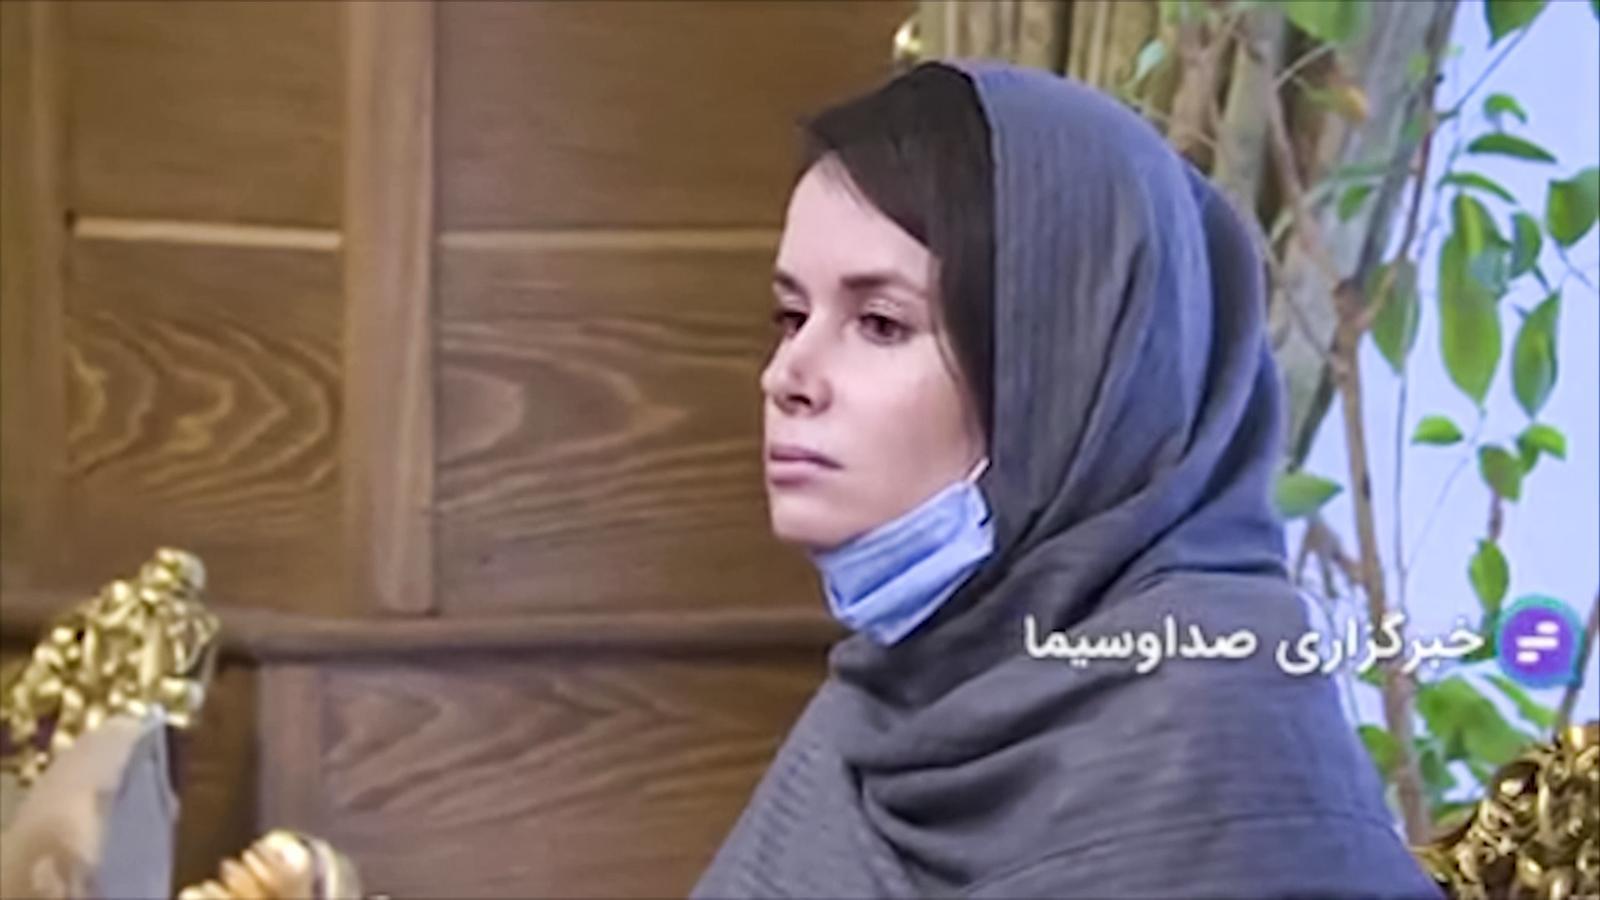 L'acadèmica empresonada a l'Iran, Kylie Moore-Gilbert, en les imatges emeses per la televisió iraniana en el seu alliberament.